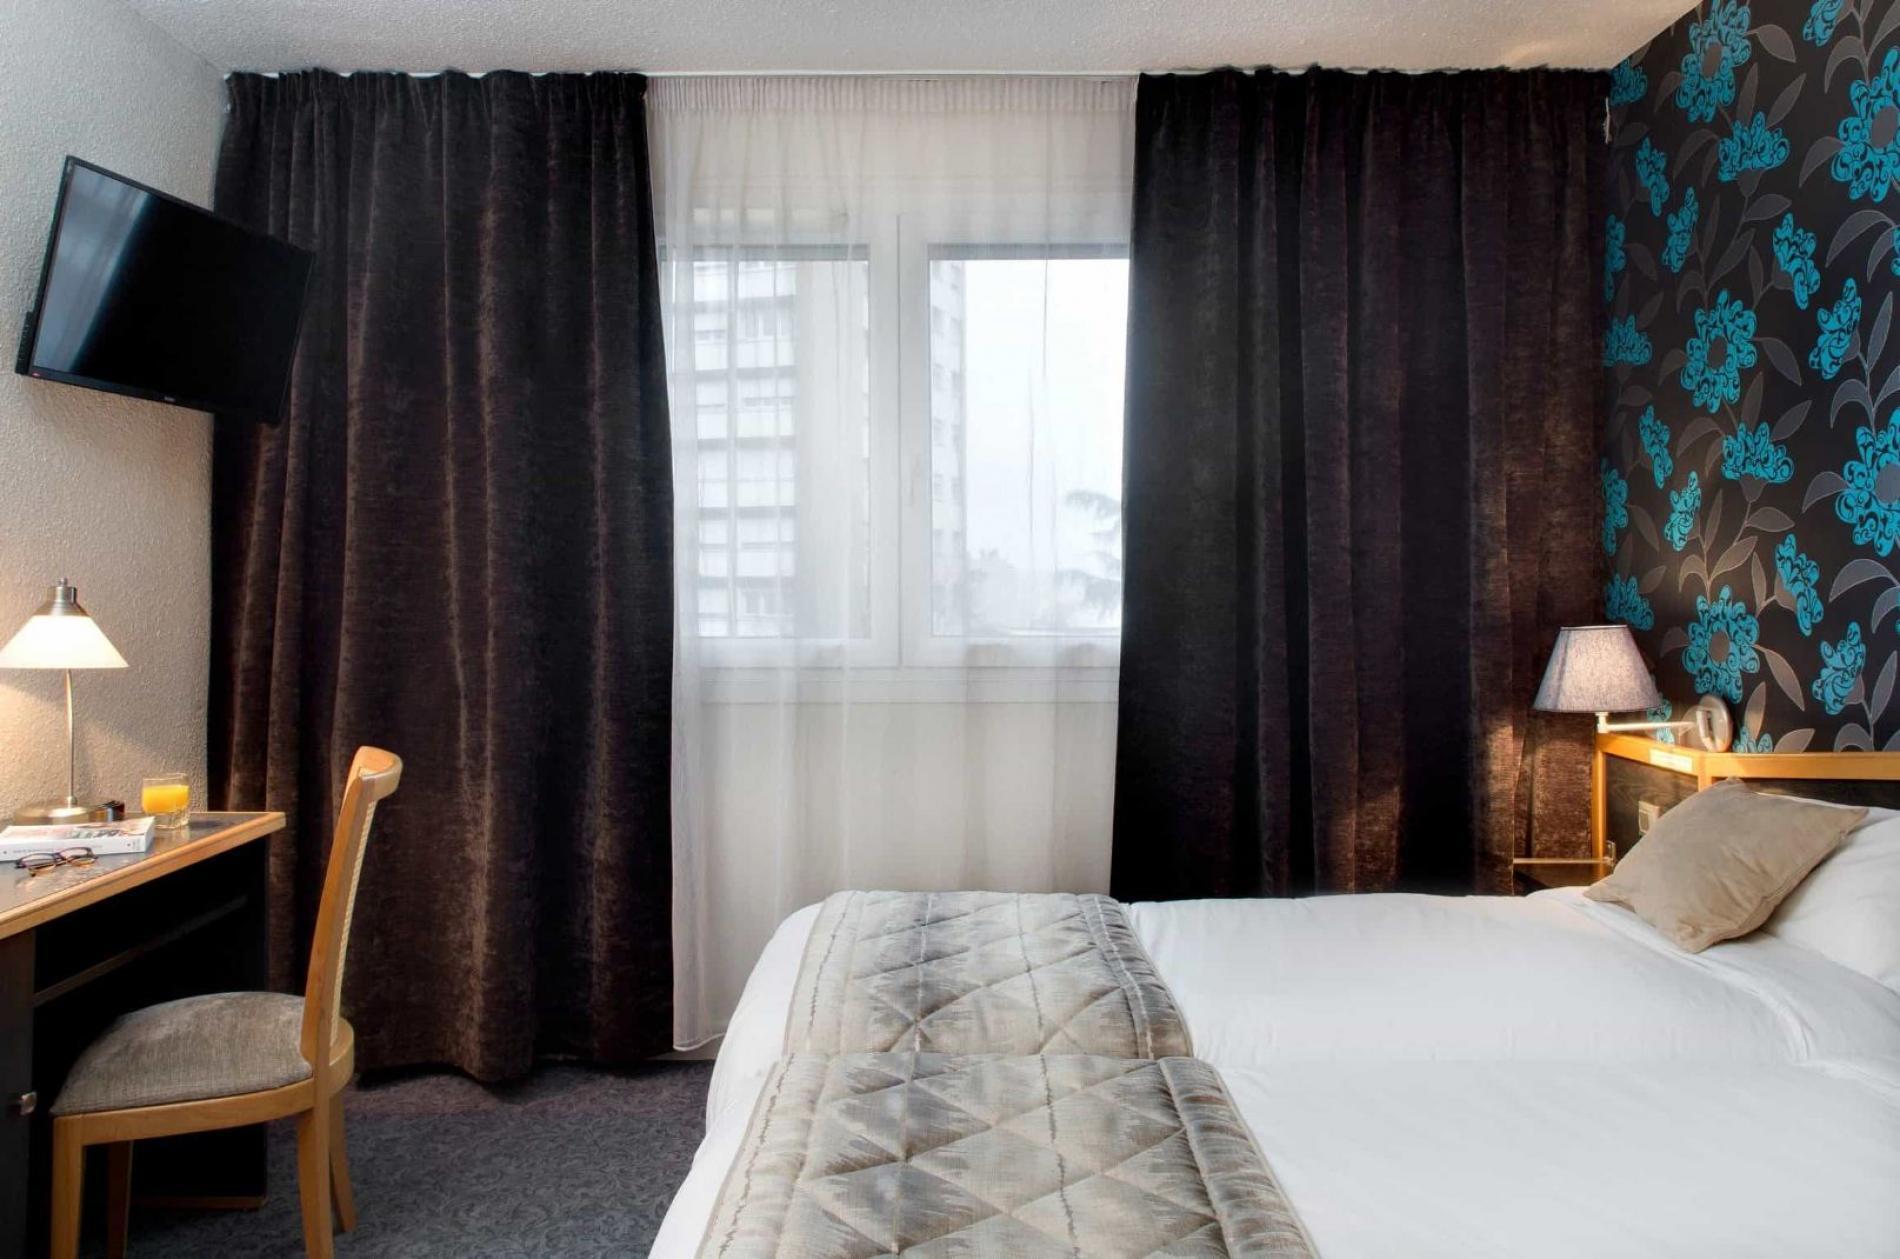 Situé dans le sud de Saint-Étienne,  l'Hôtel du Midi vous propose une  décoration originale, inspirée  des années 1930